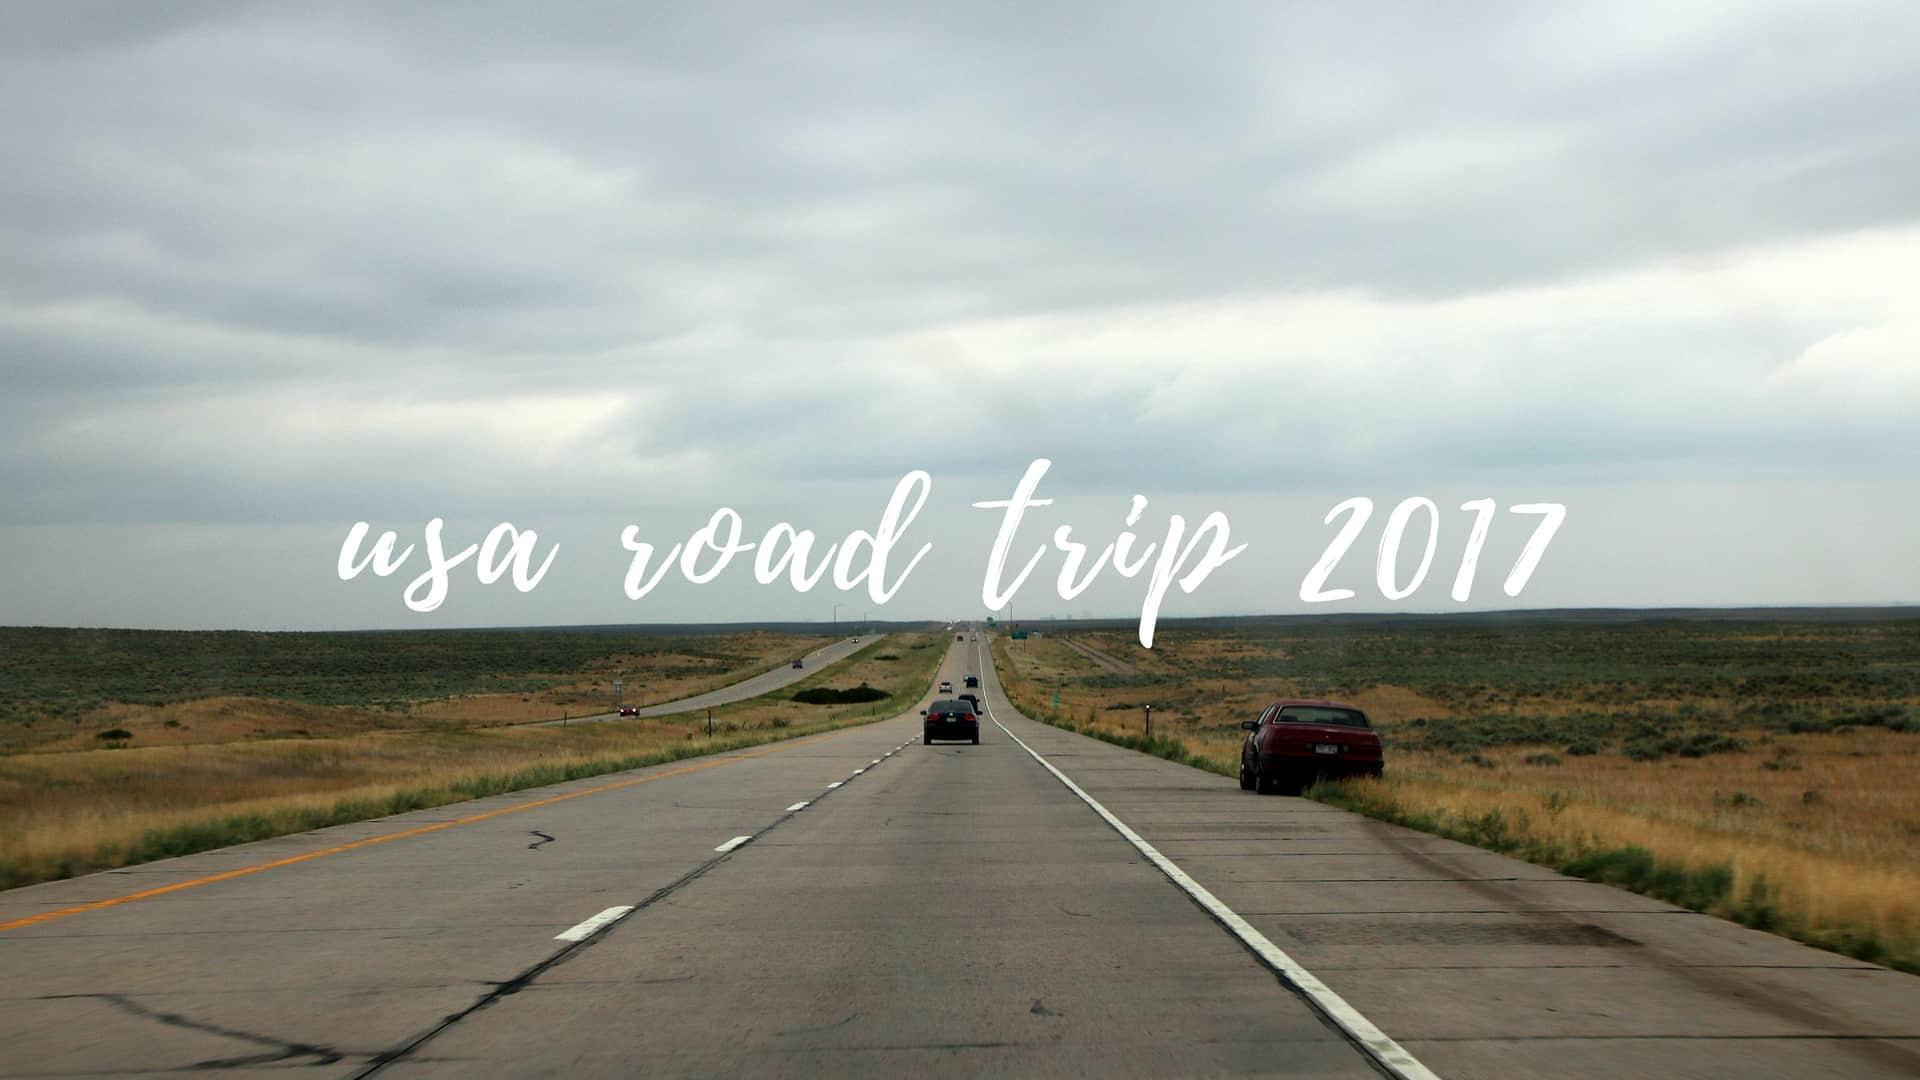 Road trip po USA czas zacząć – dzień 1 i 2